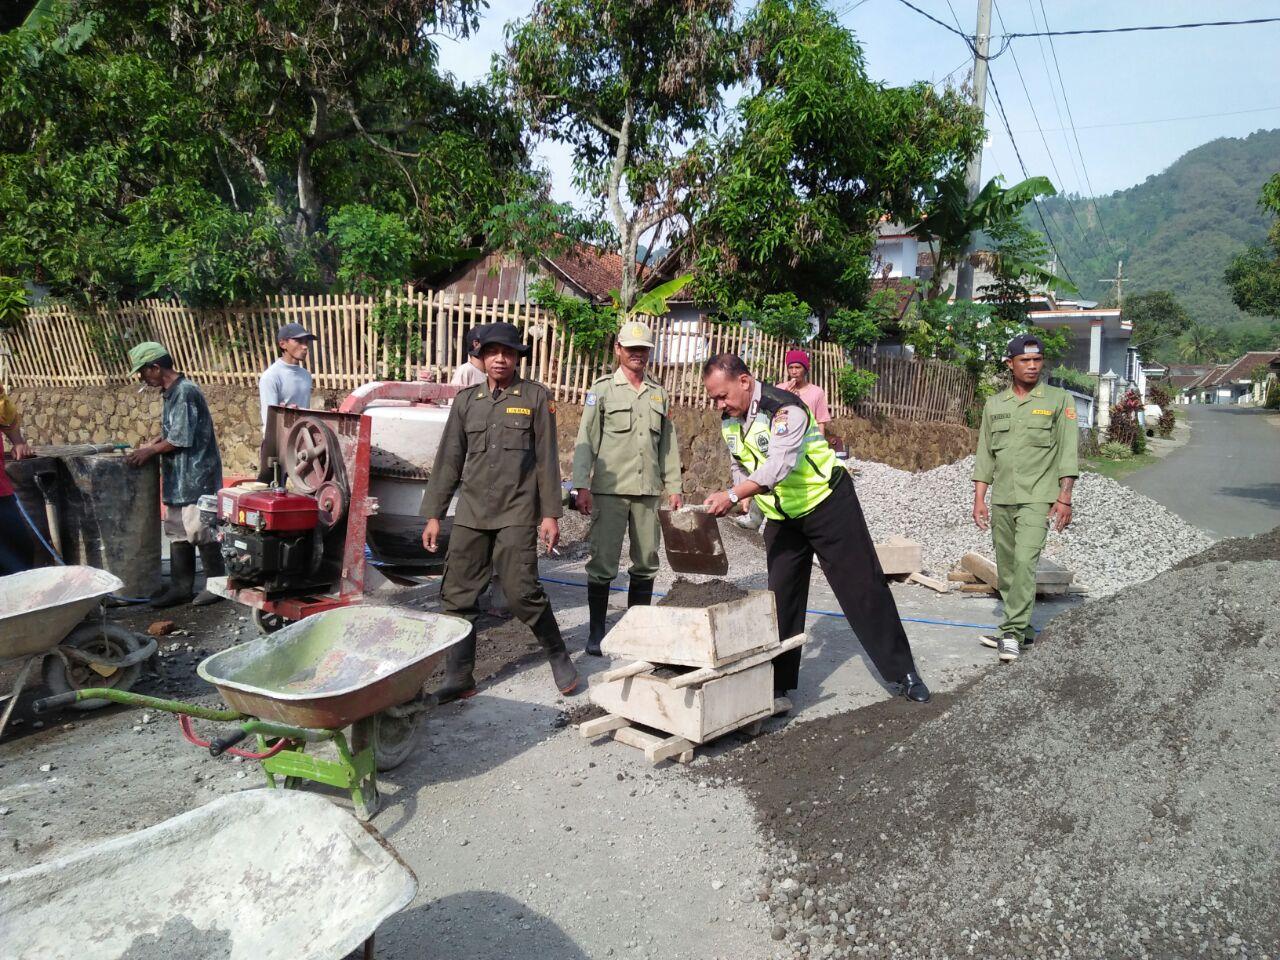 Bhabinkamtibmas Desa Waturejo Polres Batu Melaksanakan Pengecoran Bahu Jalan Bersama Linmas